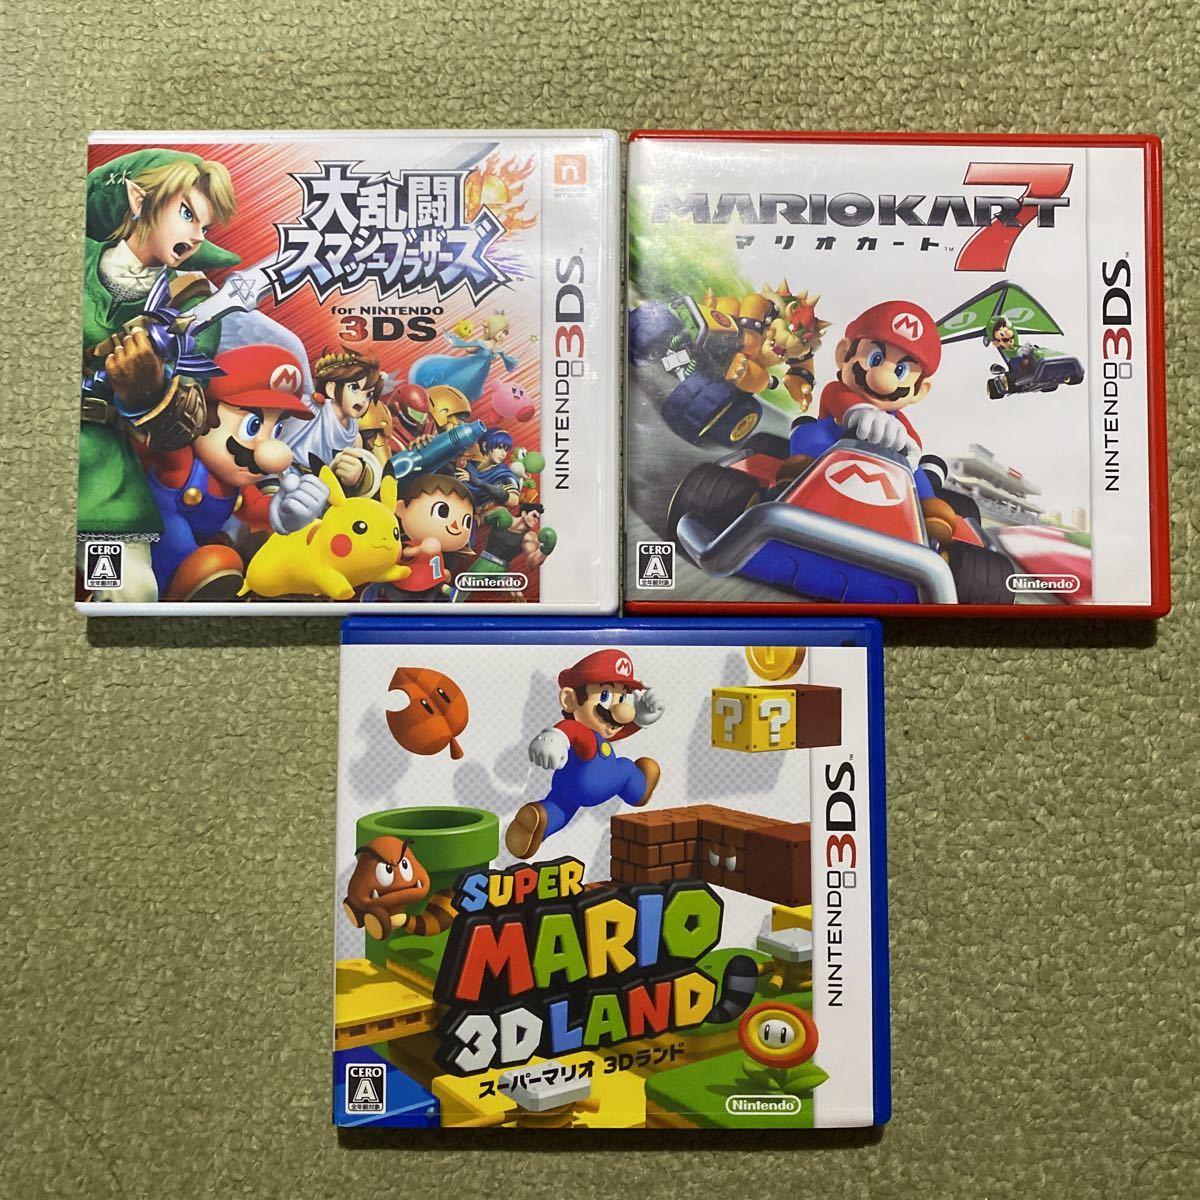 3DS 大乱闘スマッシュブラザーズ スーパーマリオ3Dランド マリオカート7